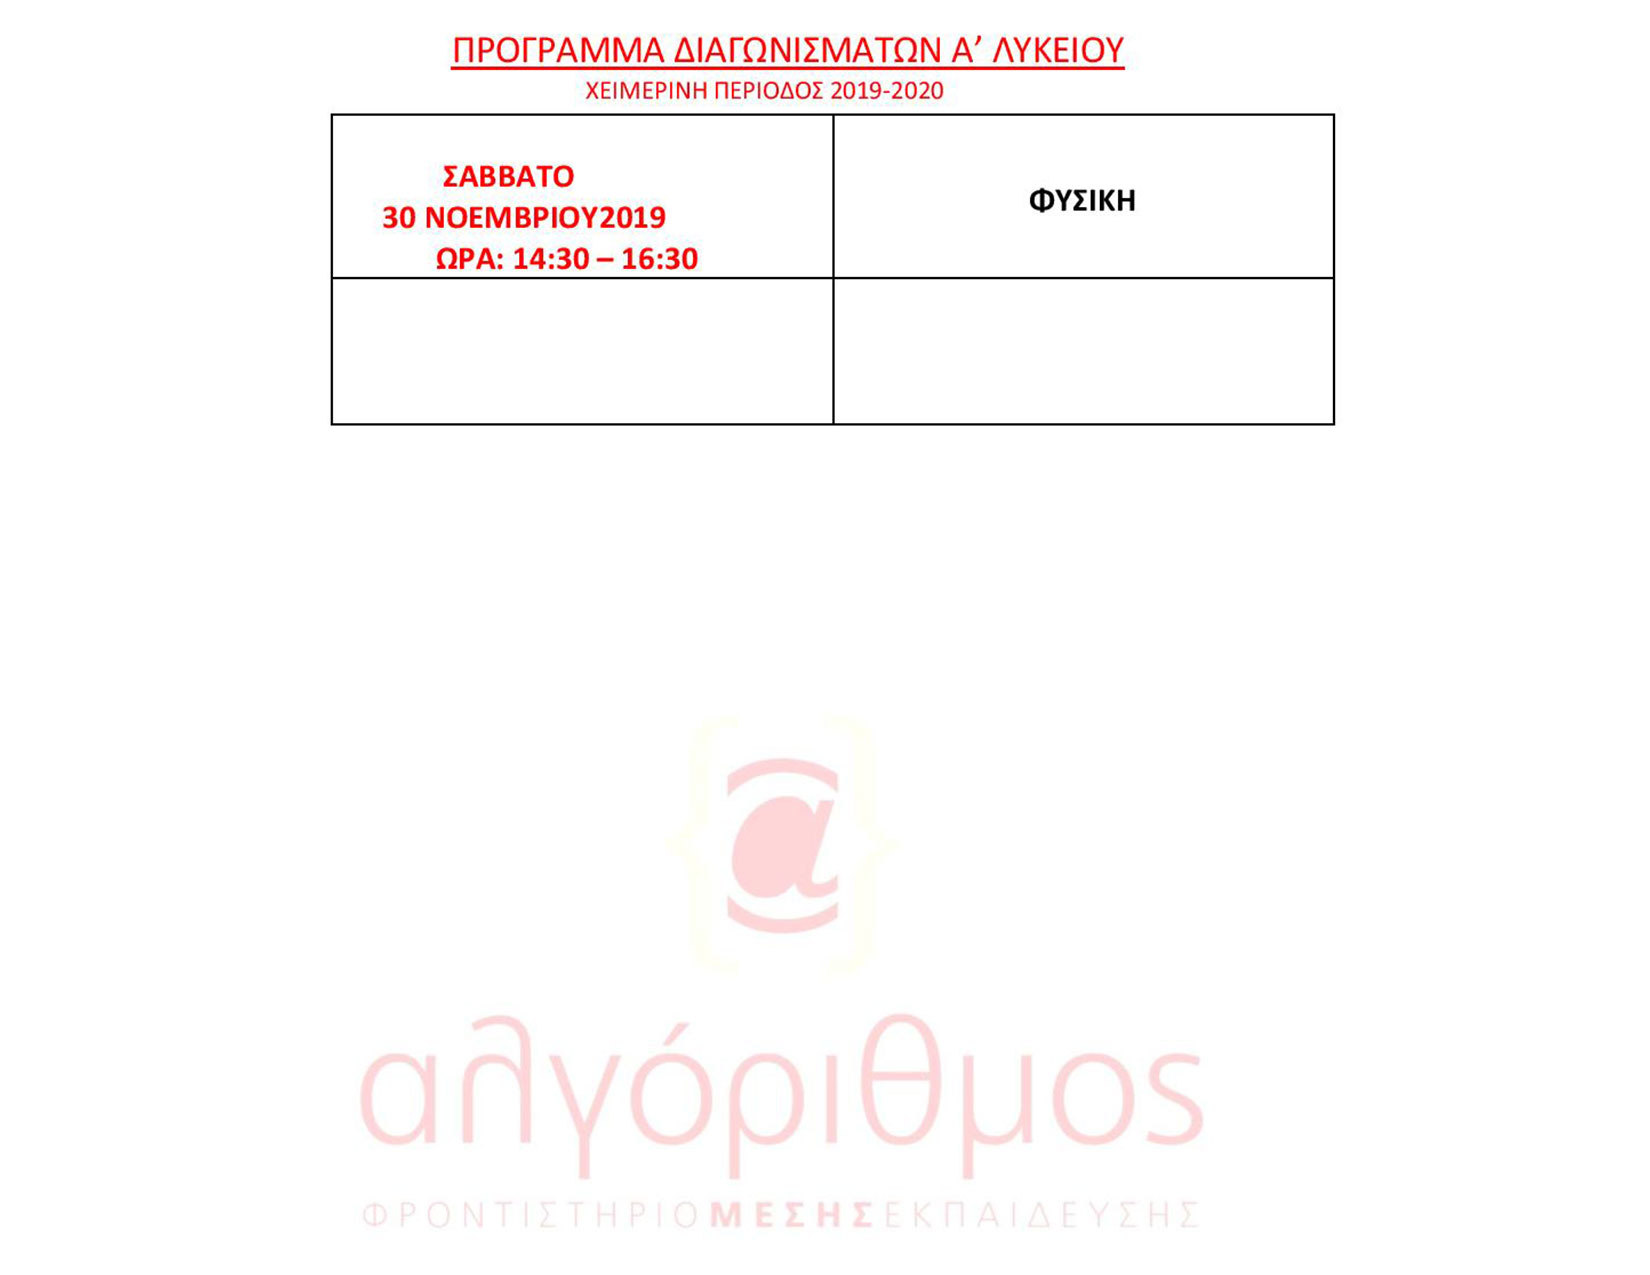 programma-diagonismaton-a-likeiou-algorithmos-1